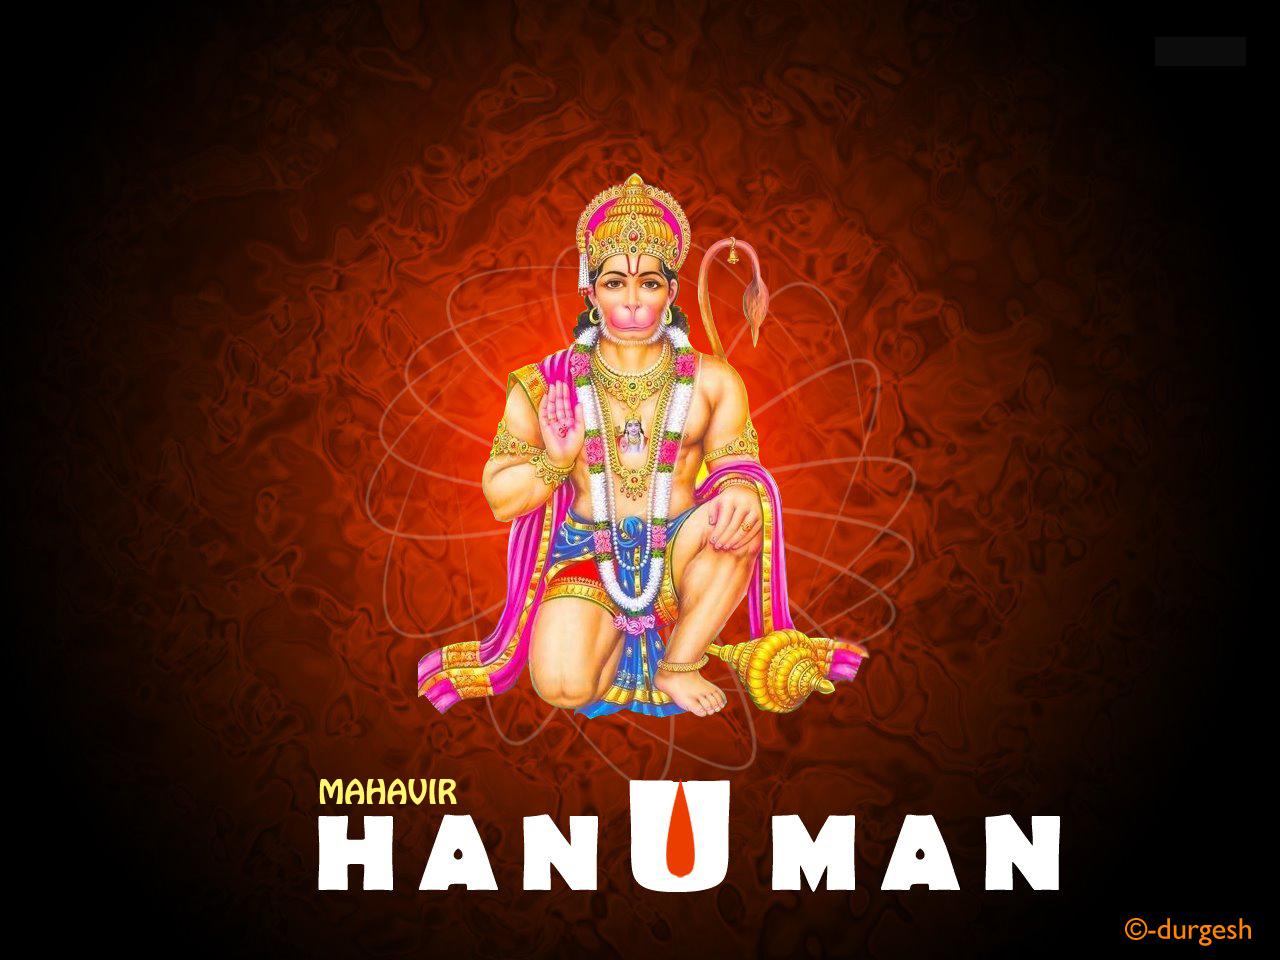 http://3.bp.blogspot.com/-Wld67aICmKc/TigeupJabxI/AAAAAAAAAIo/nx5HtMg3yxk/s1600/Hanuman-wallpaper.jpg